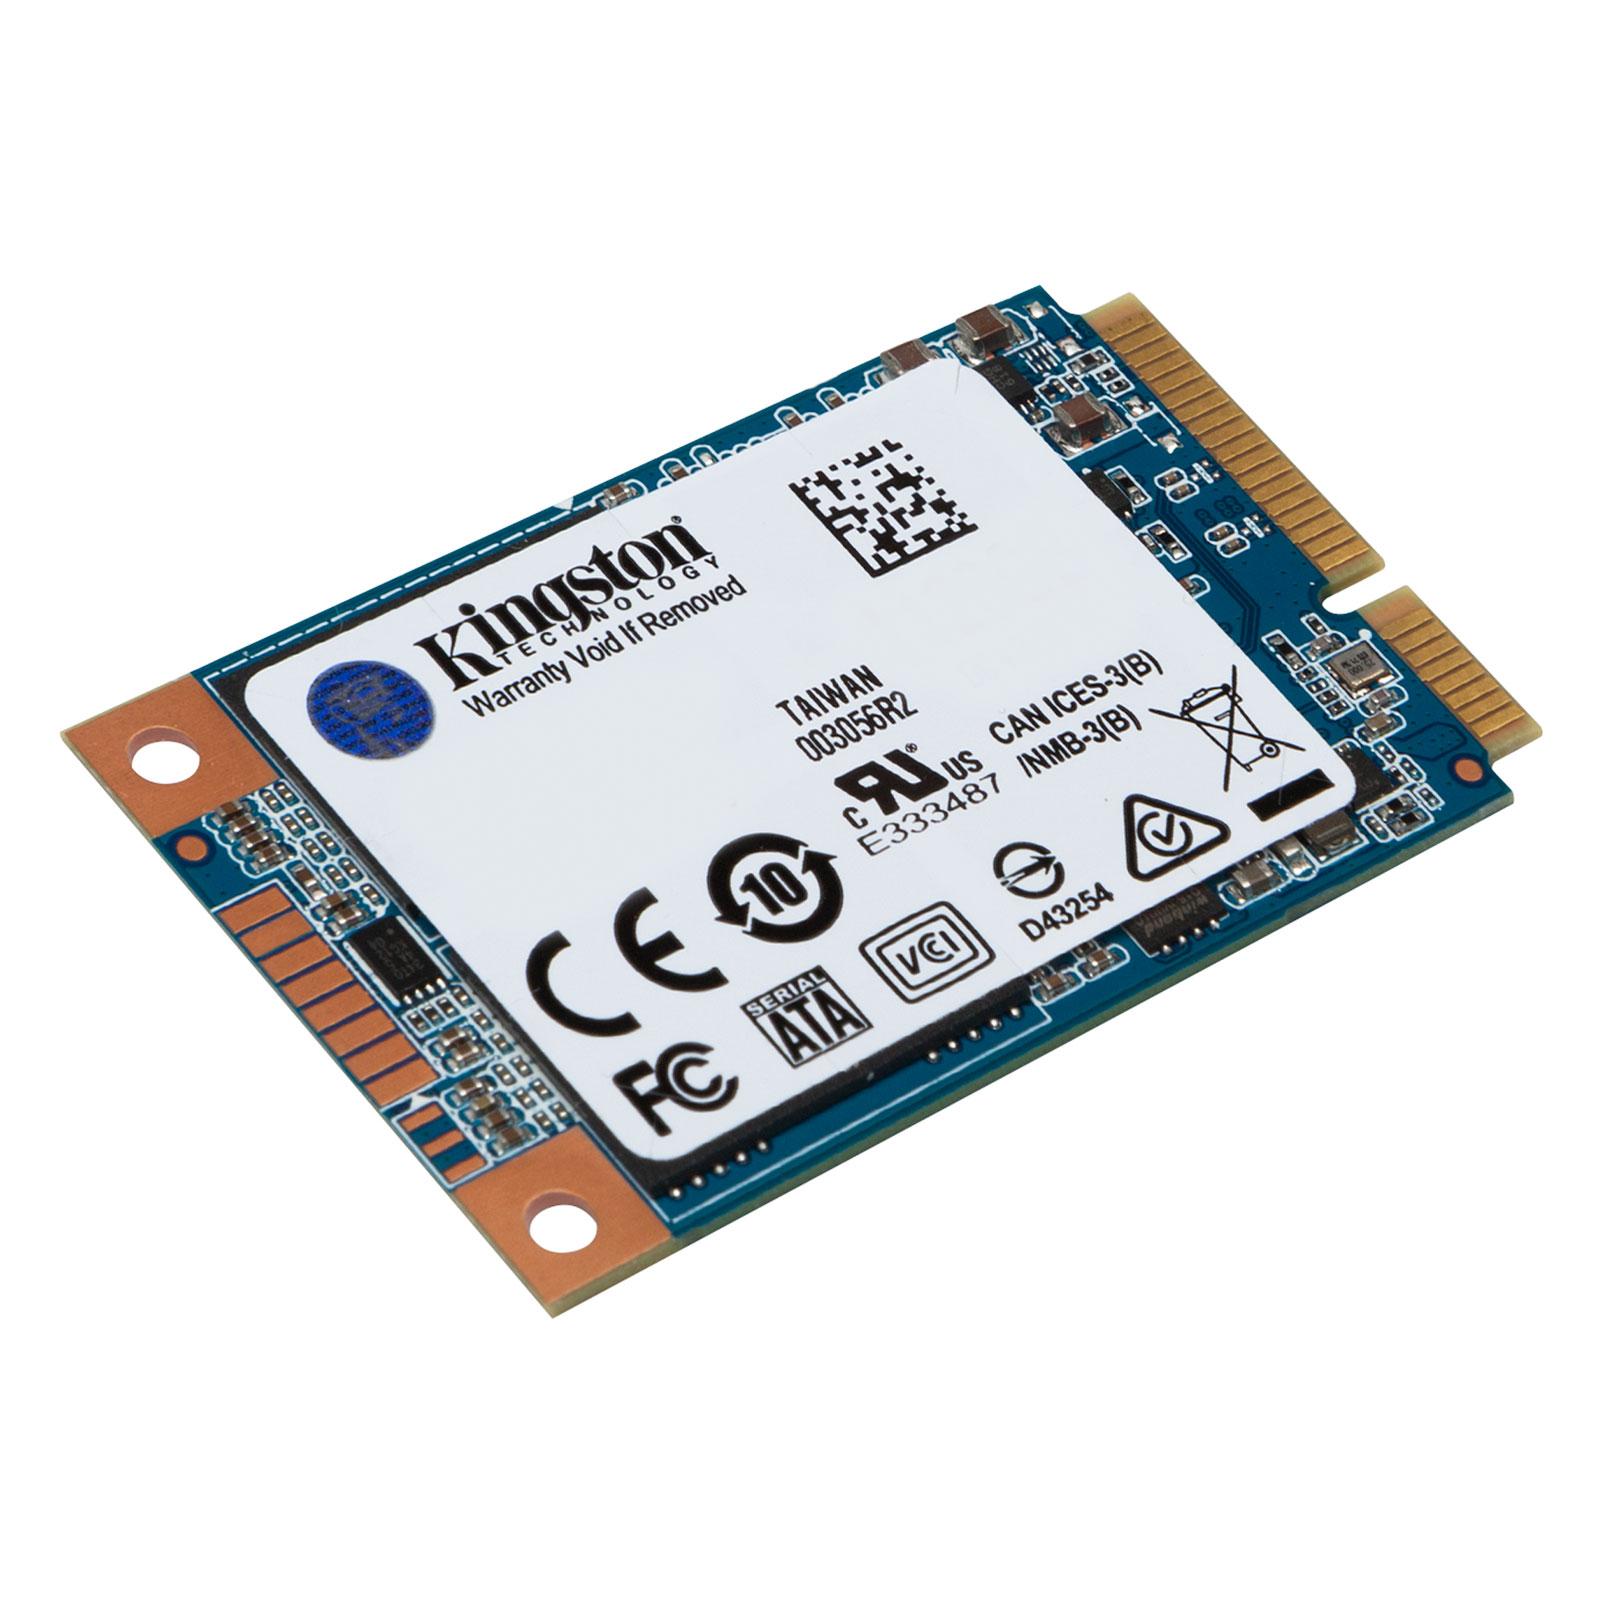 Disque SSD Kingston SSD UV500 mSATA 120 Go SSD 120 Go mSATA 6Gb/s